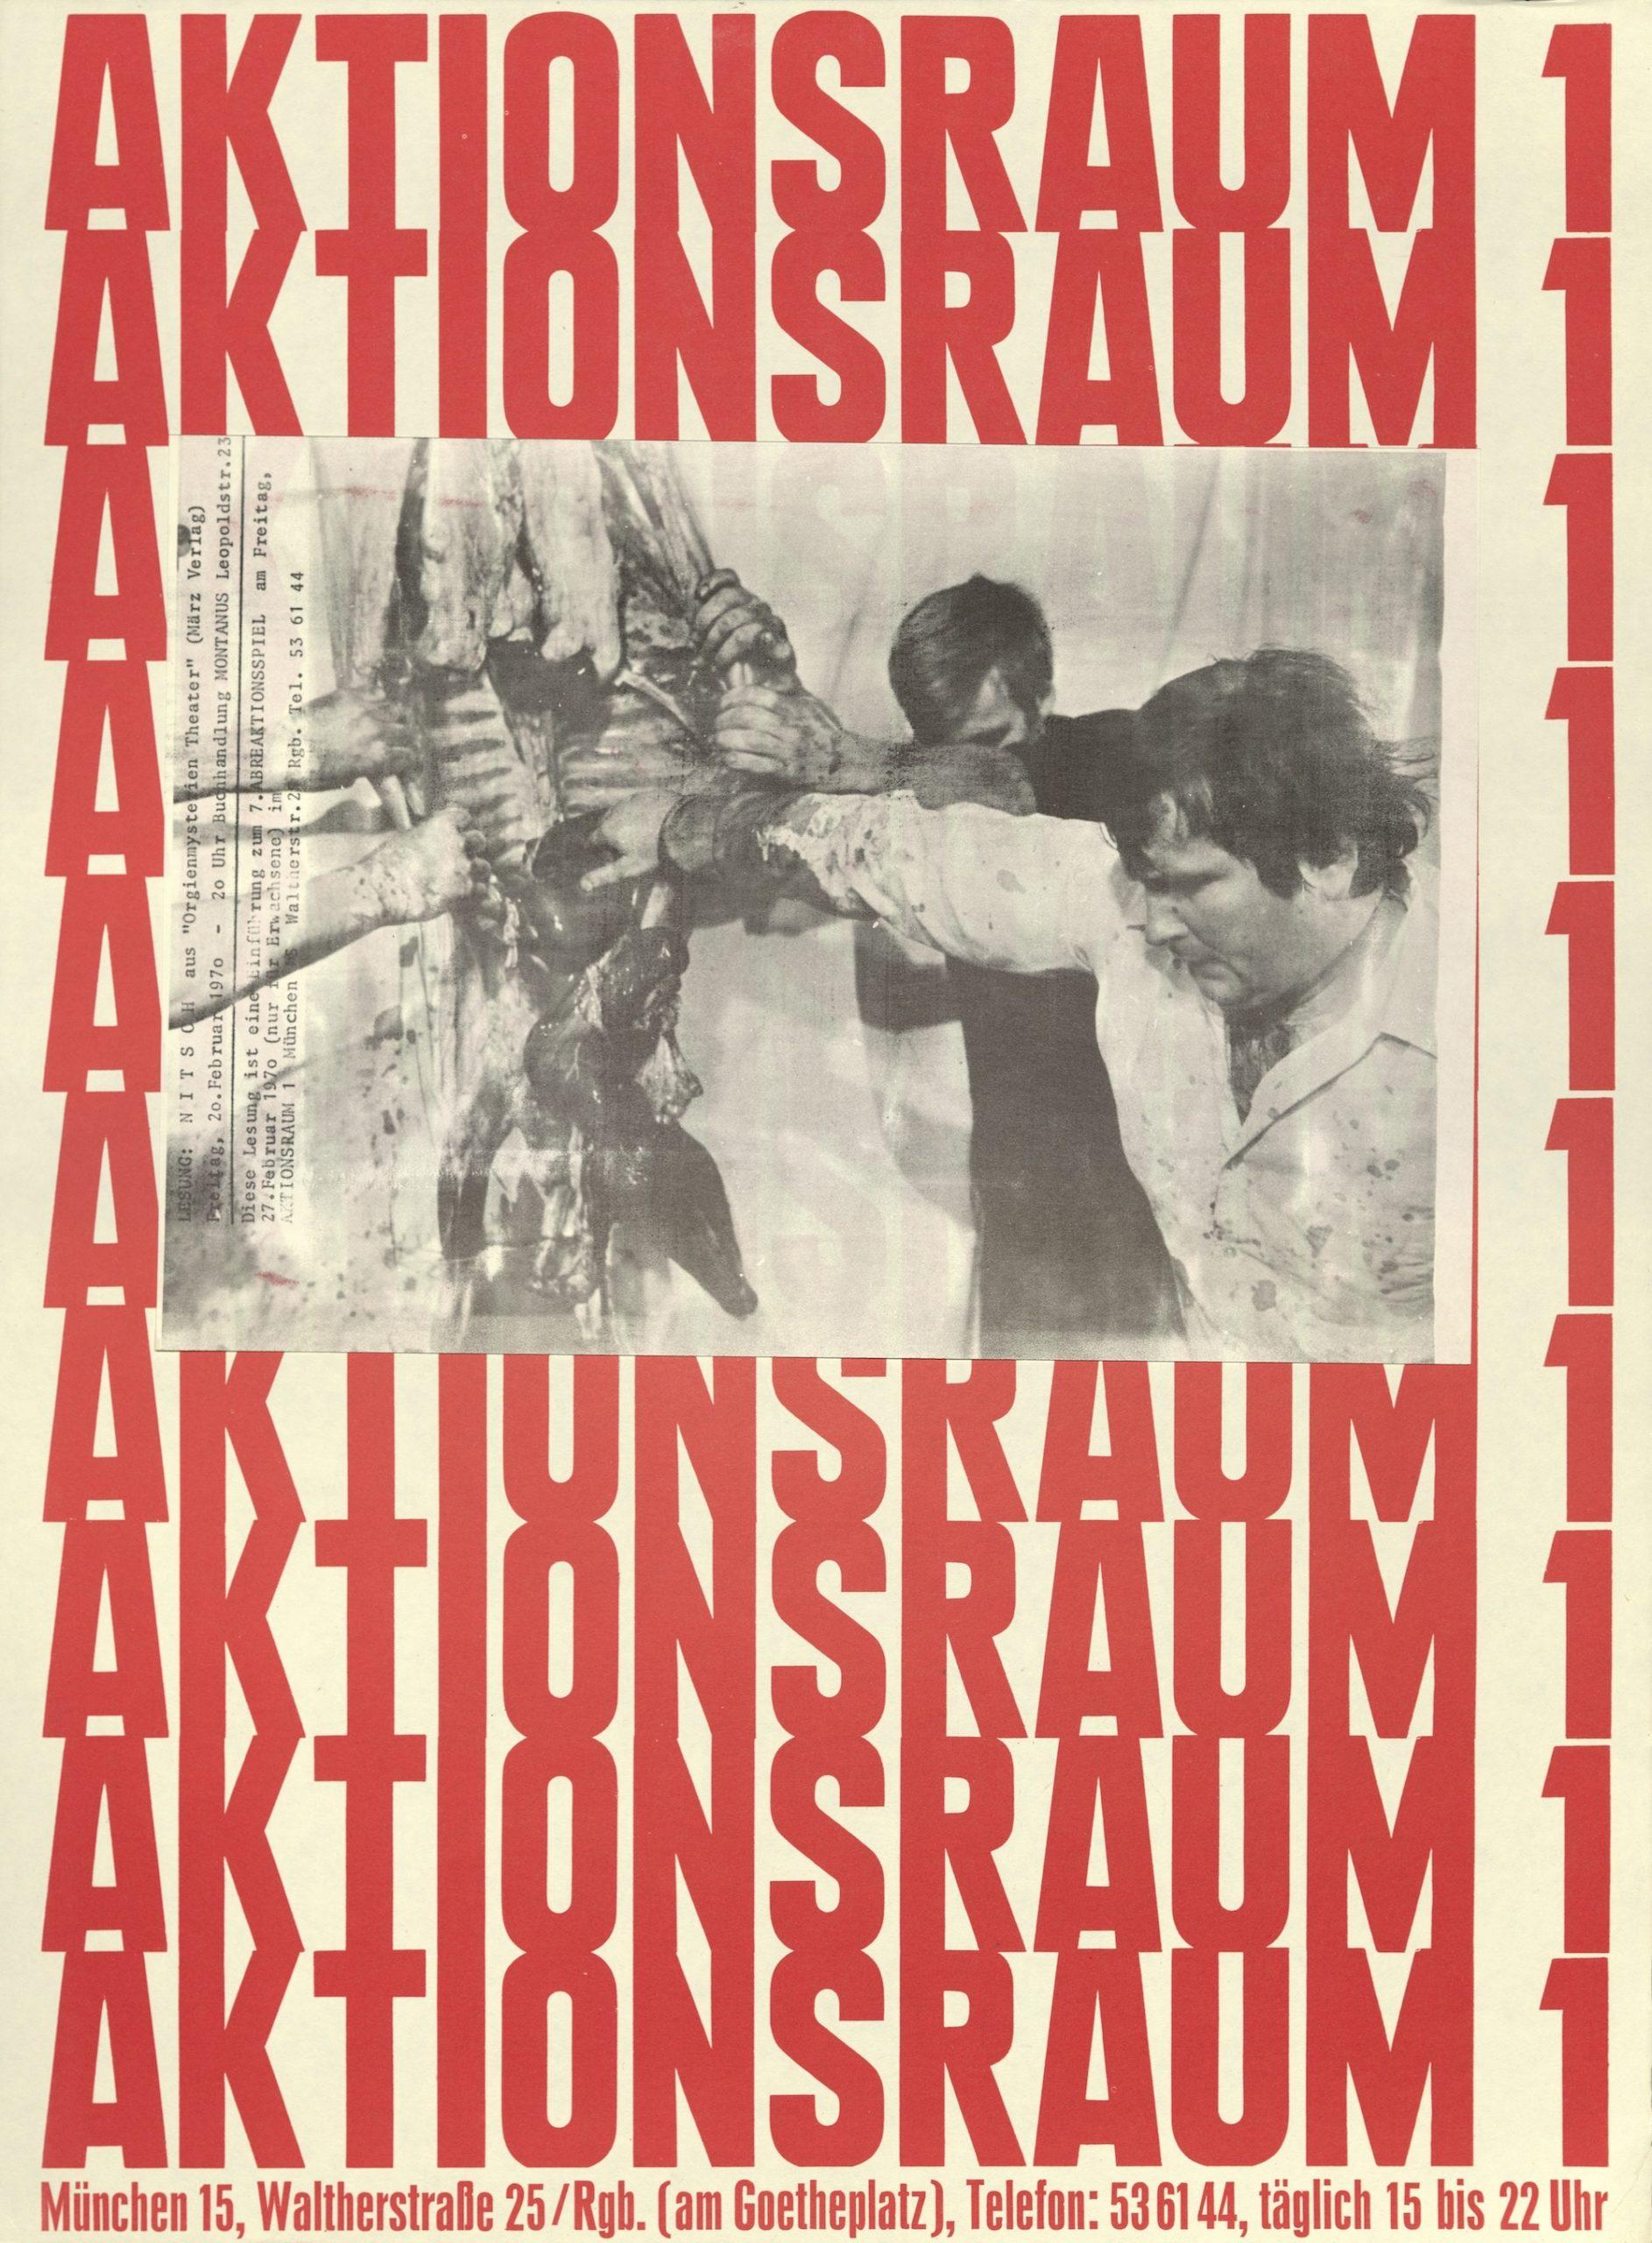 Herman Nitsch, ORGIENMYSTERIEN THEATER, Aktionsraum 1, München 1970 (Poster) ; Archiv der Avantgarden, Staatliche Kunstsammlungen Dresden; VG Bild-Kunst, Bonn.